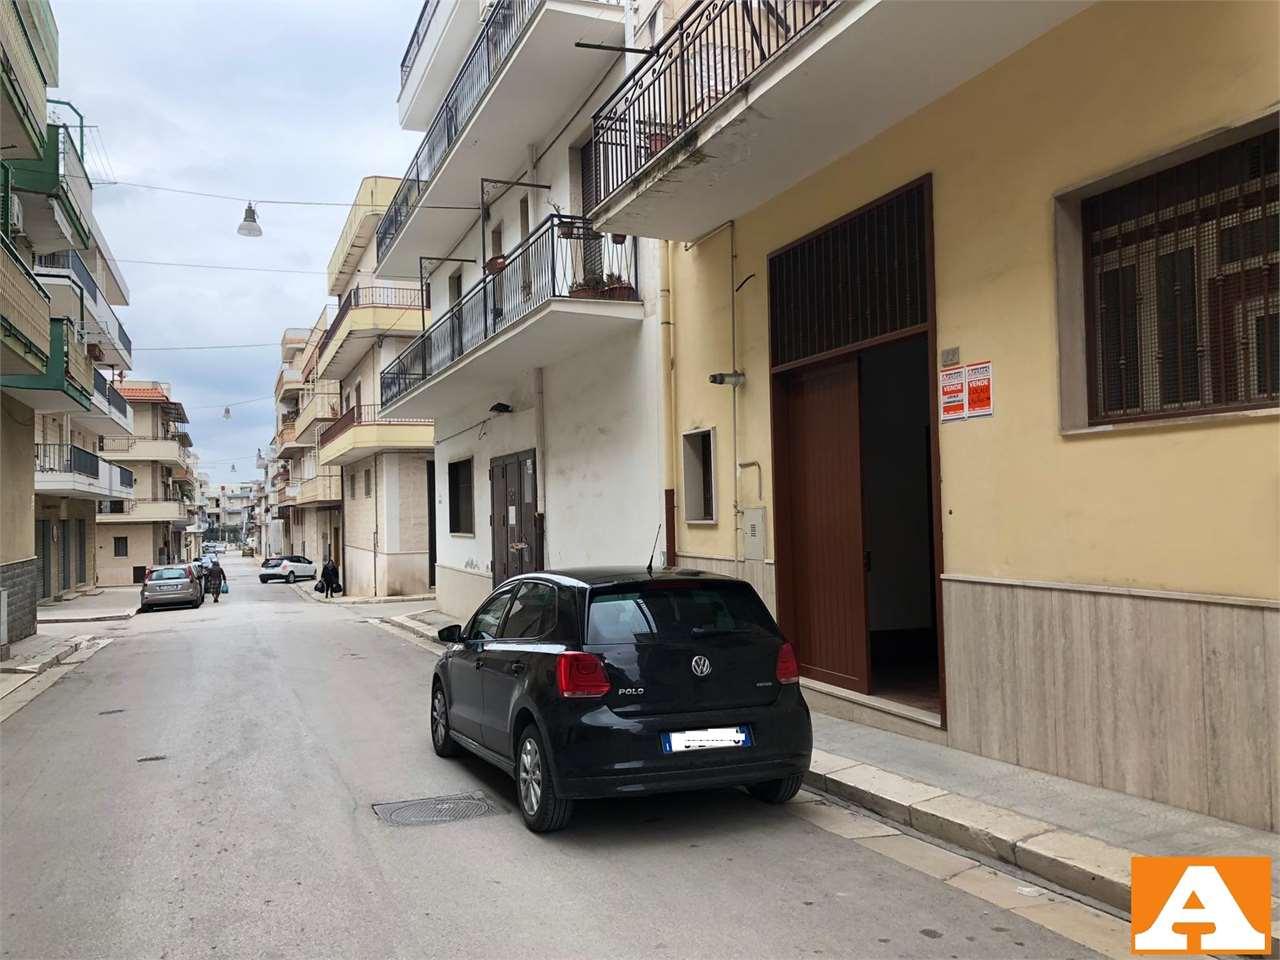 Negozio / Locale in vendita a Cerignola, 1 locali, zona Località: ESTRAMURALE, prezzo € 150.000   CambioCasa.it